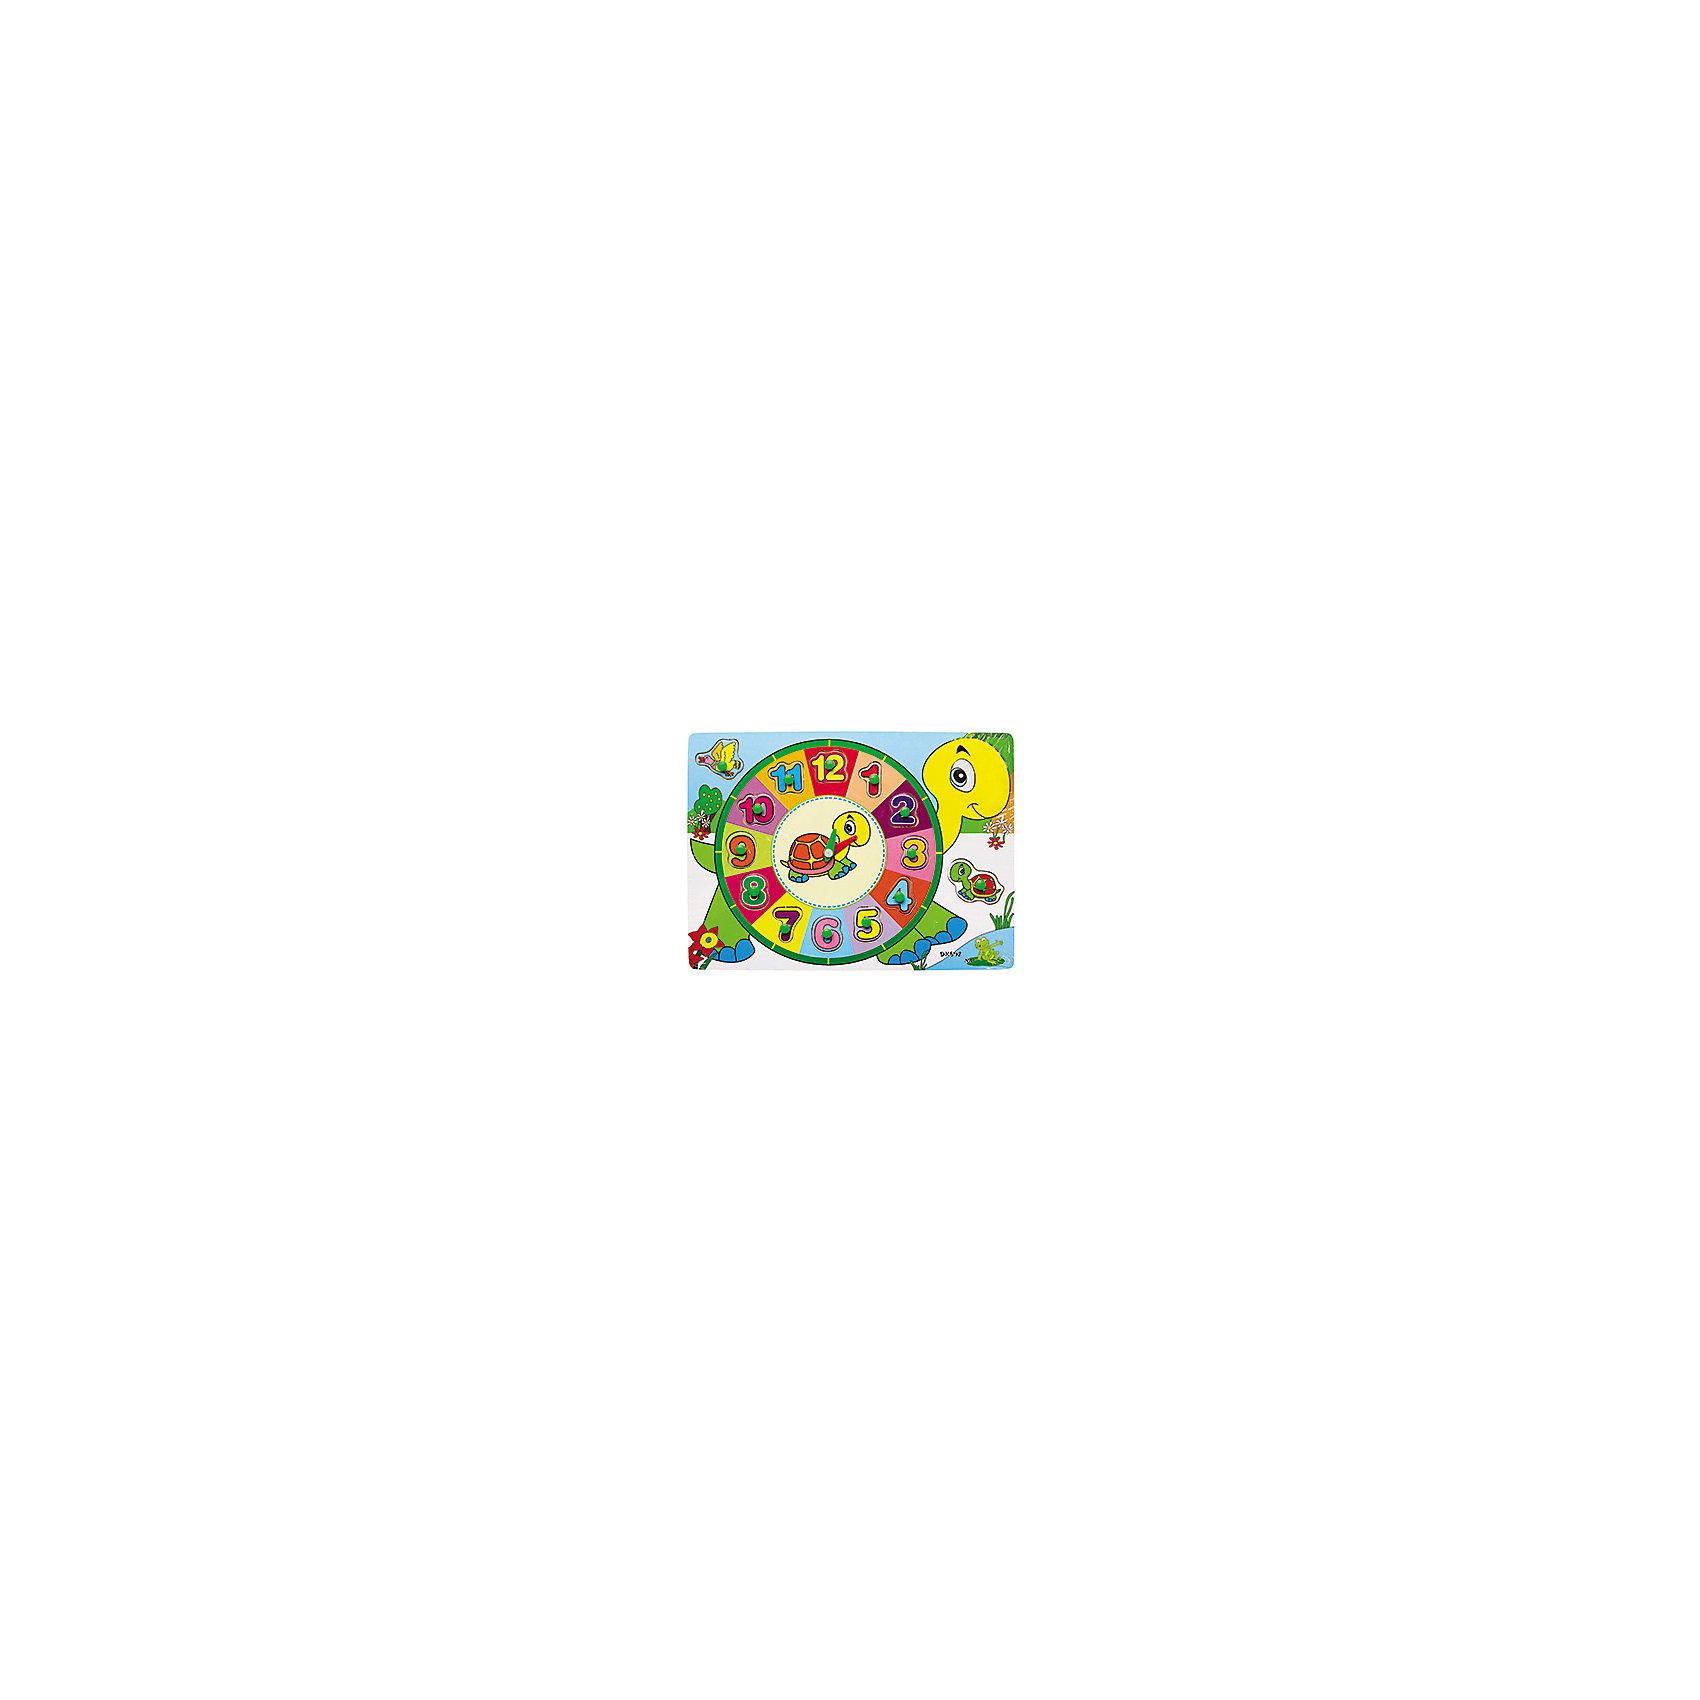 Деревянный пазл Черепашка с часами, 12 элементов, Kribly BooДеревянный пазл Черепашка с часами, 12 элементов, Kribly Boo<br><br>Характеристики:<br><br>• Материал: дерево, бумага<br>• Возраст: от 3 лет<br>• Деталей: 12 штук<br><br>Деревянный пазл помогает малышу развить внимательность, пространственное мышление, моторику рук и координацию движений. И все это без скучных упражнений, с помощью игры. Данный пазл познакомит ребенка со временем и научит в нем ориентироваться. Пазл сделан из экологически чистого материала – дерева. Все детали хорошо обработаны и не оставляют заноз.<br><br>Деревянный пазл Черепашка с часами, 12 элементов, Kribly Boo можно купить в нашем интернет-магазине.<br><br>Ширина мм: 300<br>Глубина мм: 10<br>Высота мм: 230<br>Вес г: 0<br>Возраст от месяцев: 60<br>Возраст до месяцев: 120<br>Пол: Унисекс<br>Возраст: Детский<br>SKU: 5059067